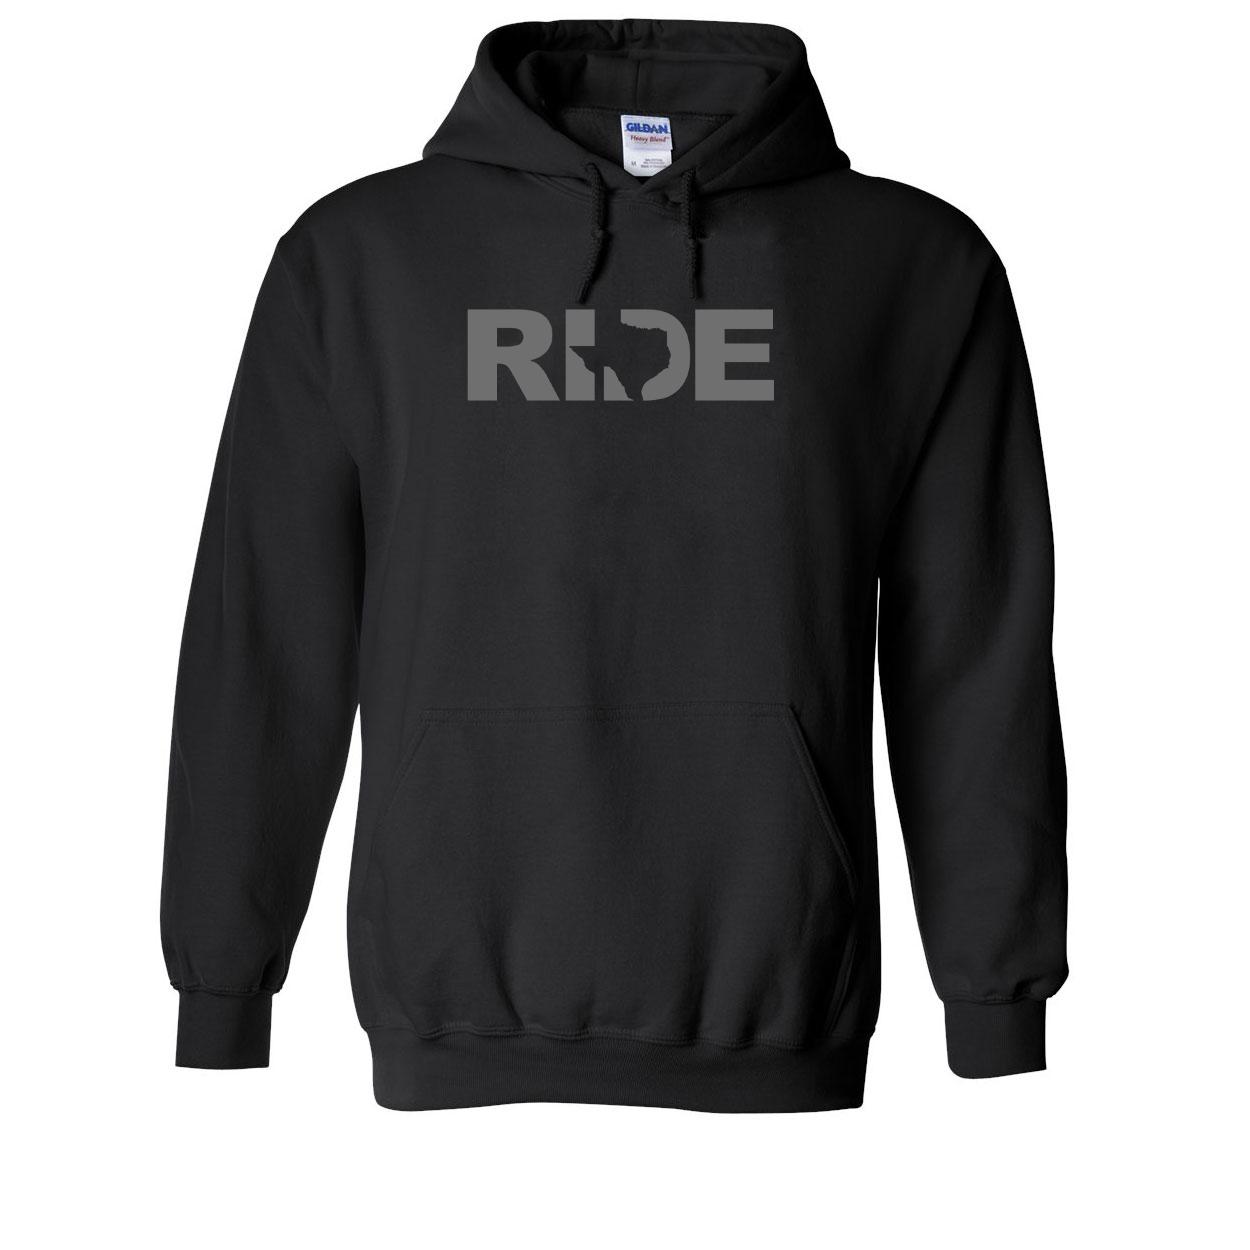 Ride Texas Classic Sweatshirt Black (Gray Logo)